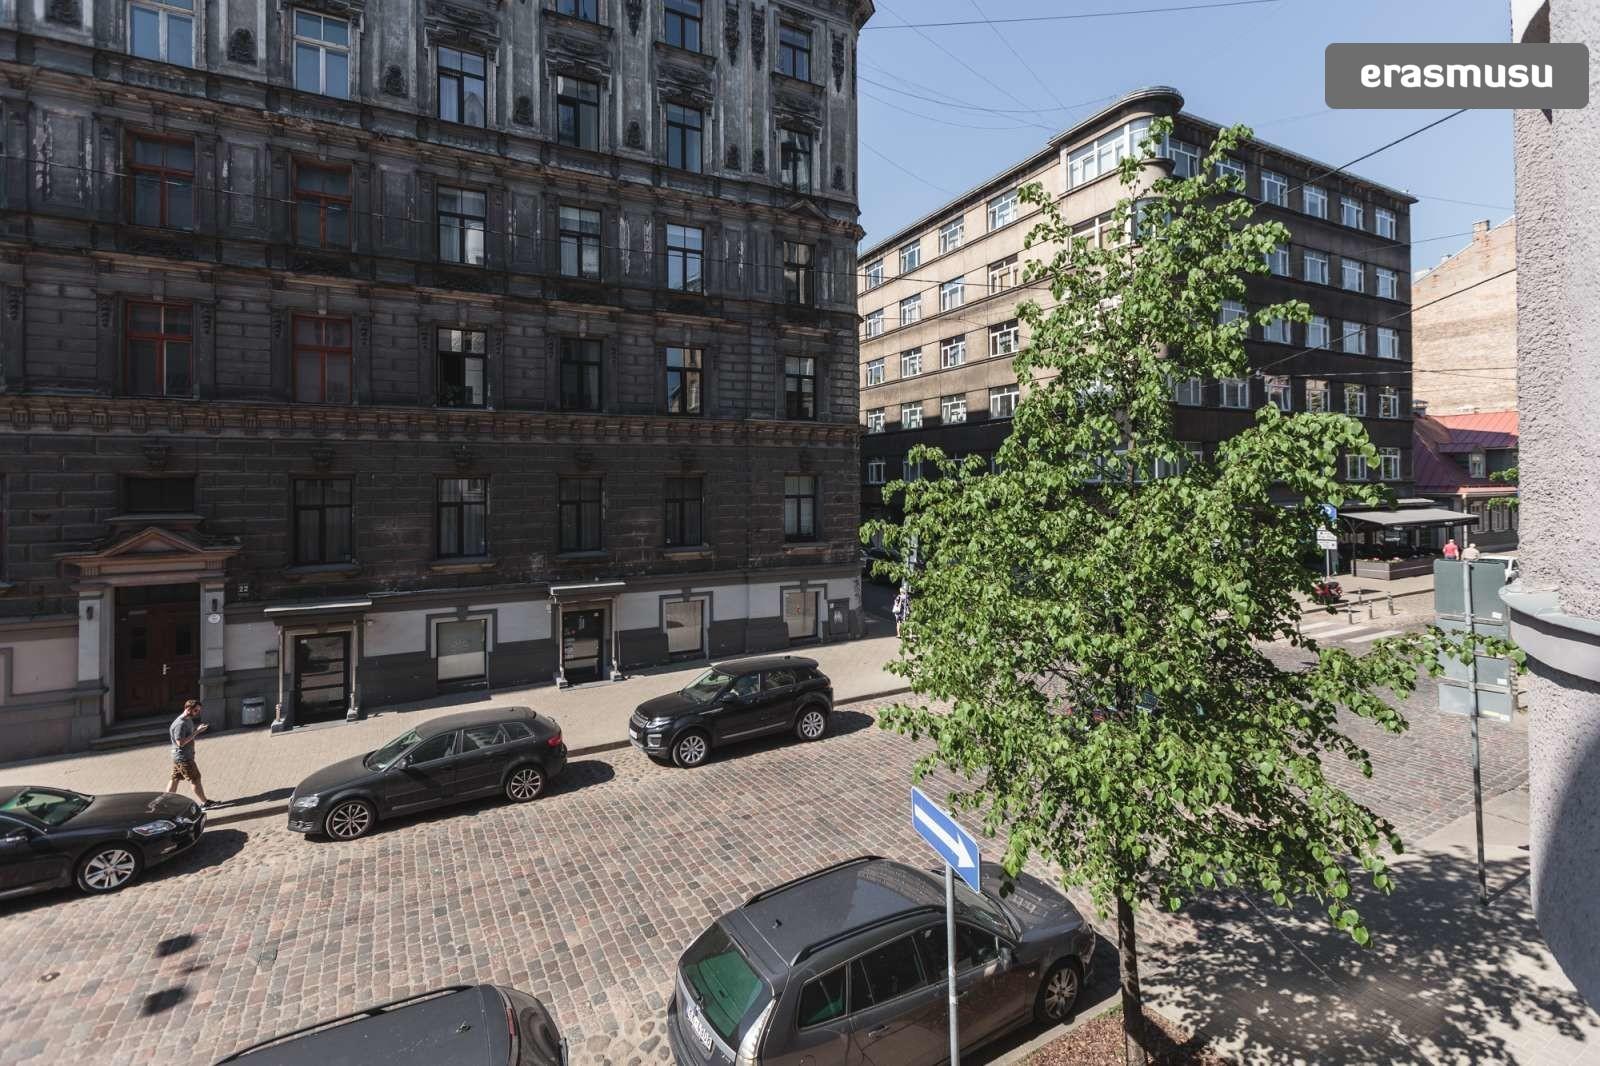 elegant-1-bedroom-apartment-rent-centrs-6523c7552c174676fbec56df